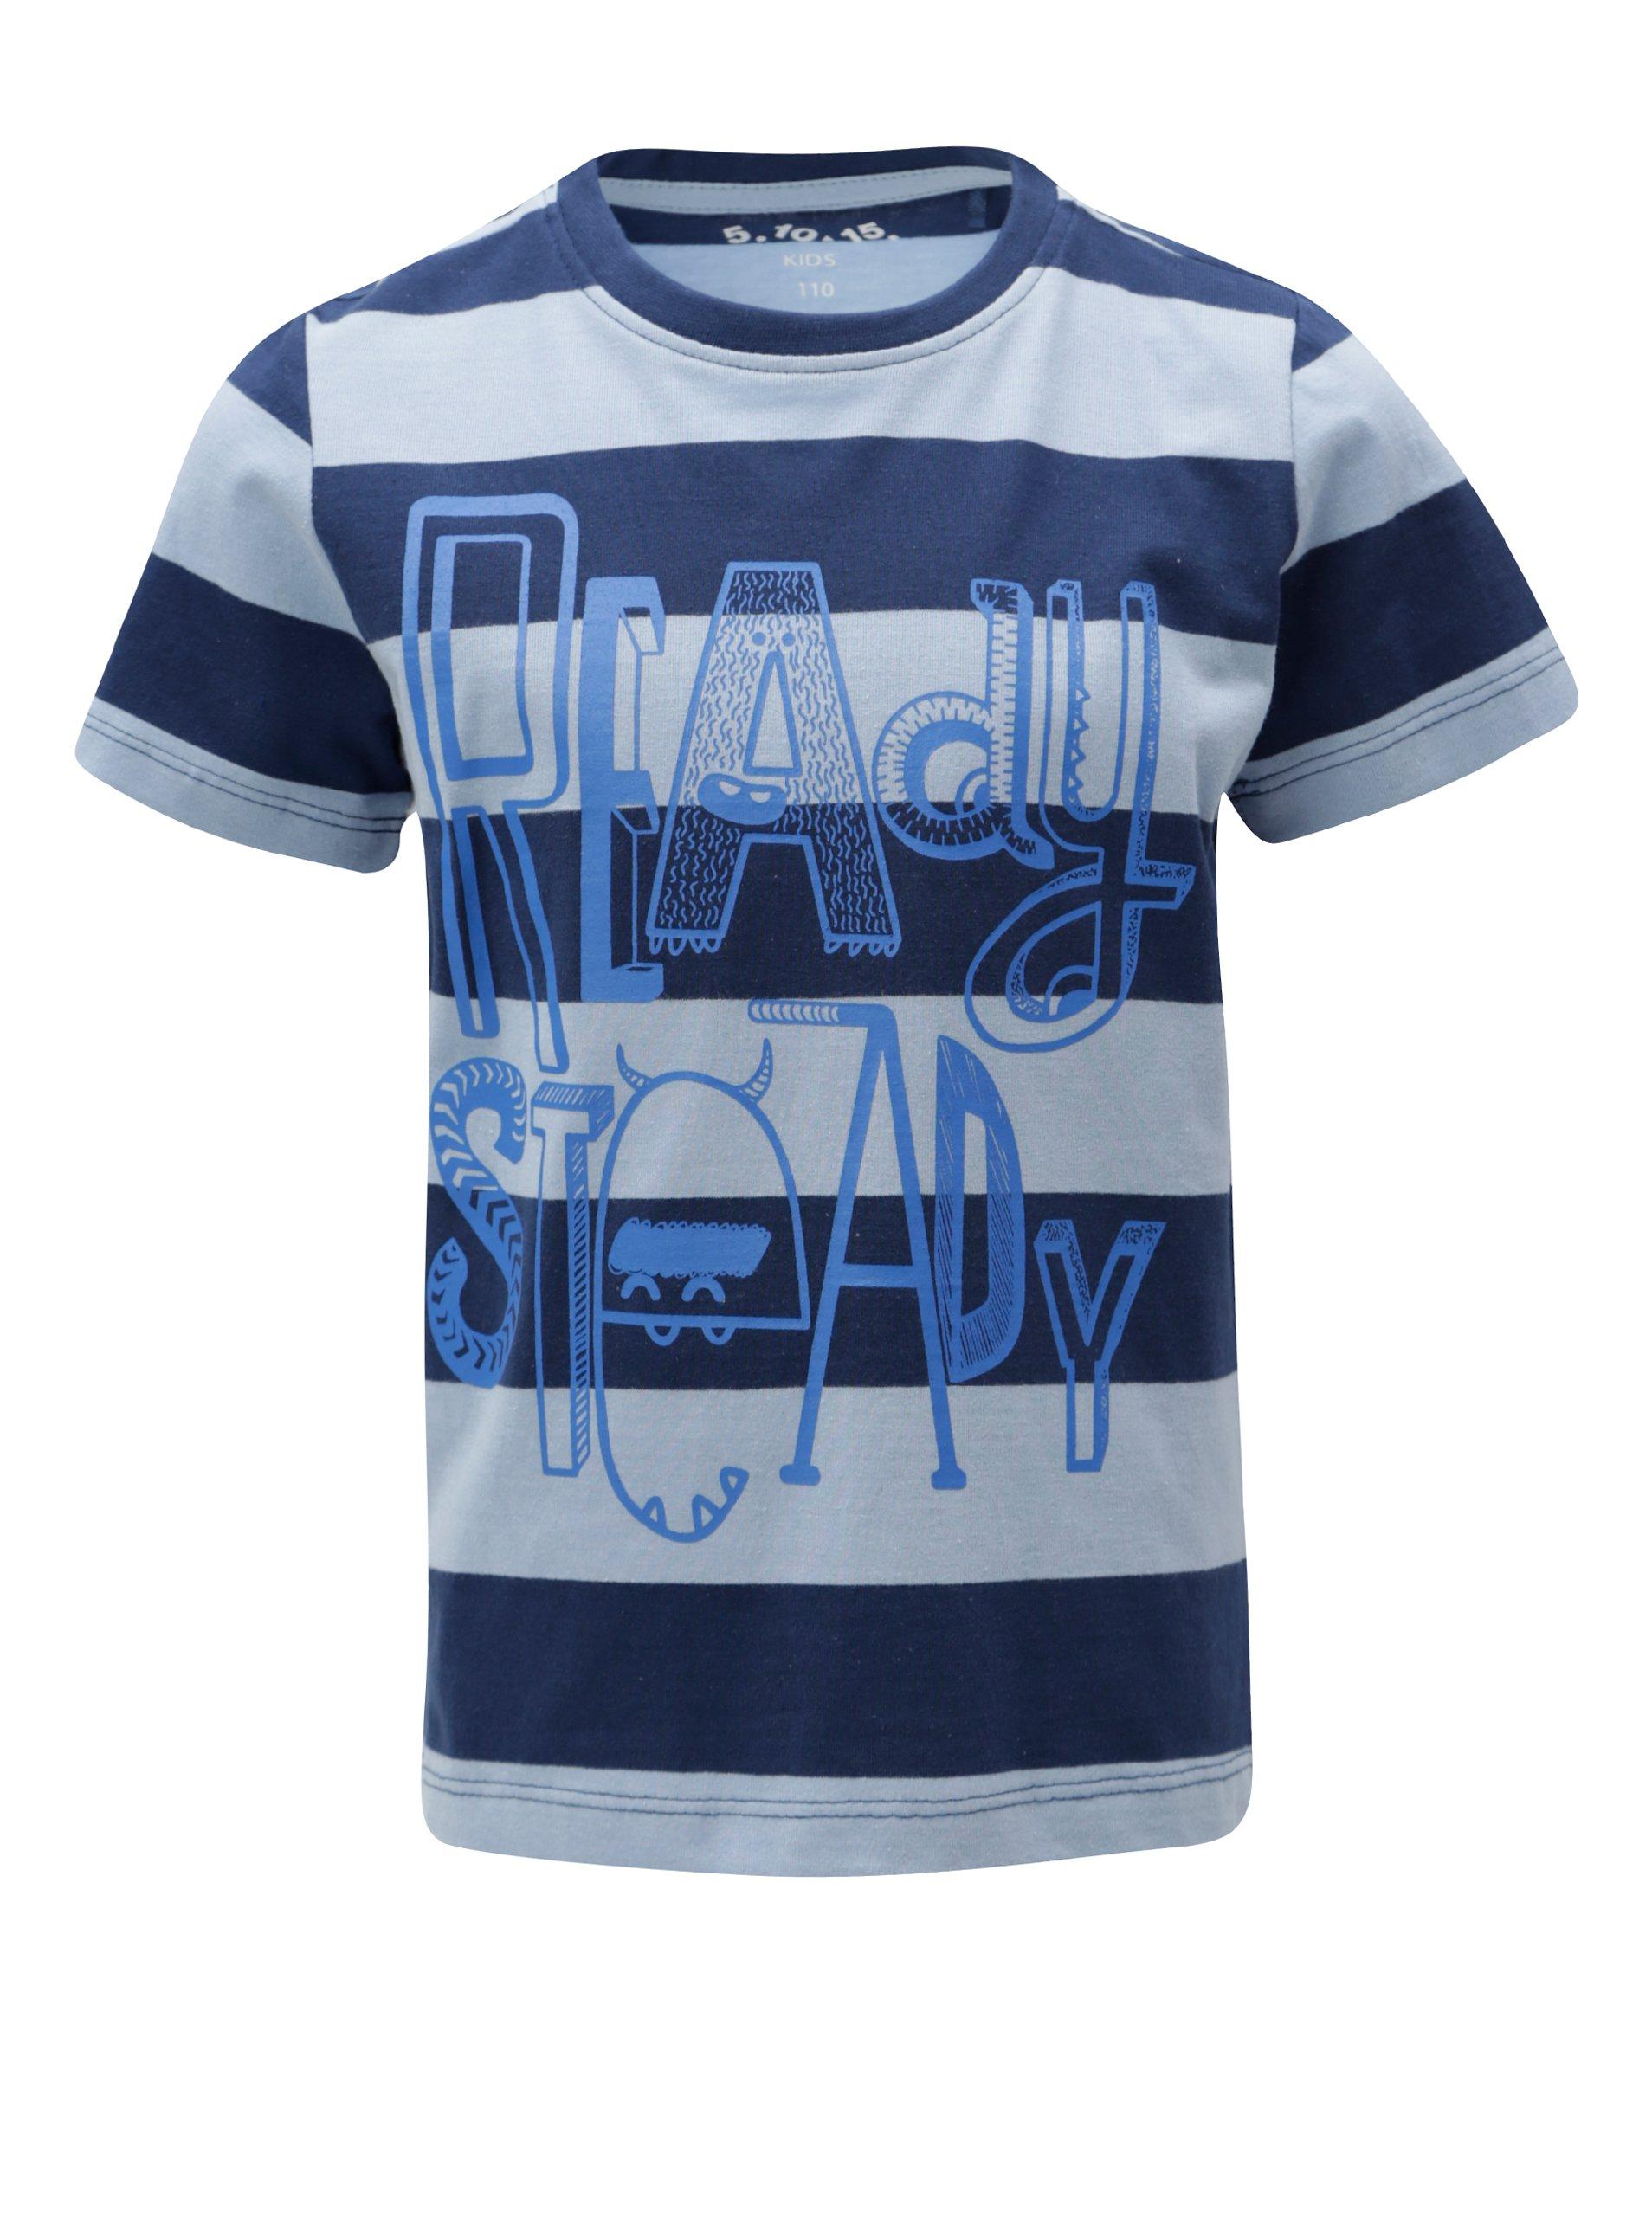 Modré chlapčenské pruhované tričko s potlačou 5.10.15.